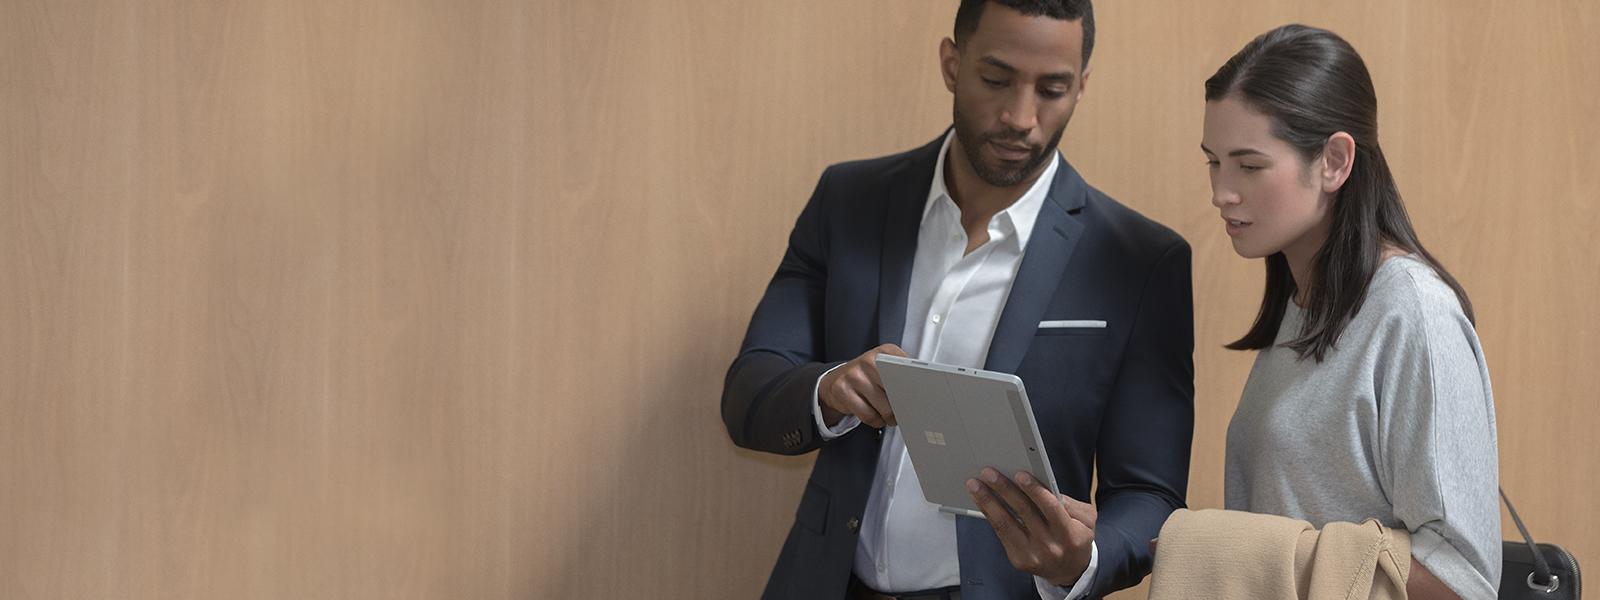 Geschäftsmann und Geschäftsfrau in einem Flur blicken auf ein Surface Go